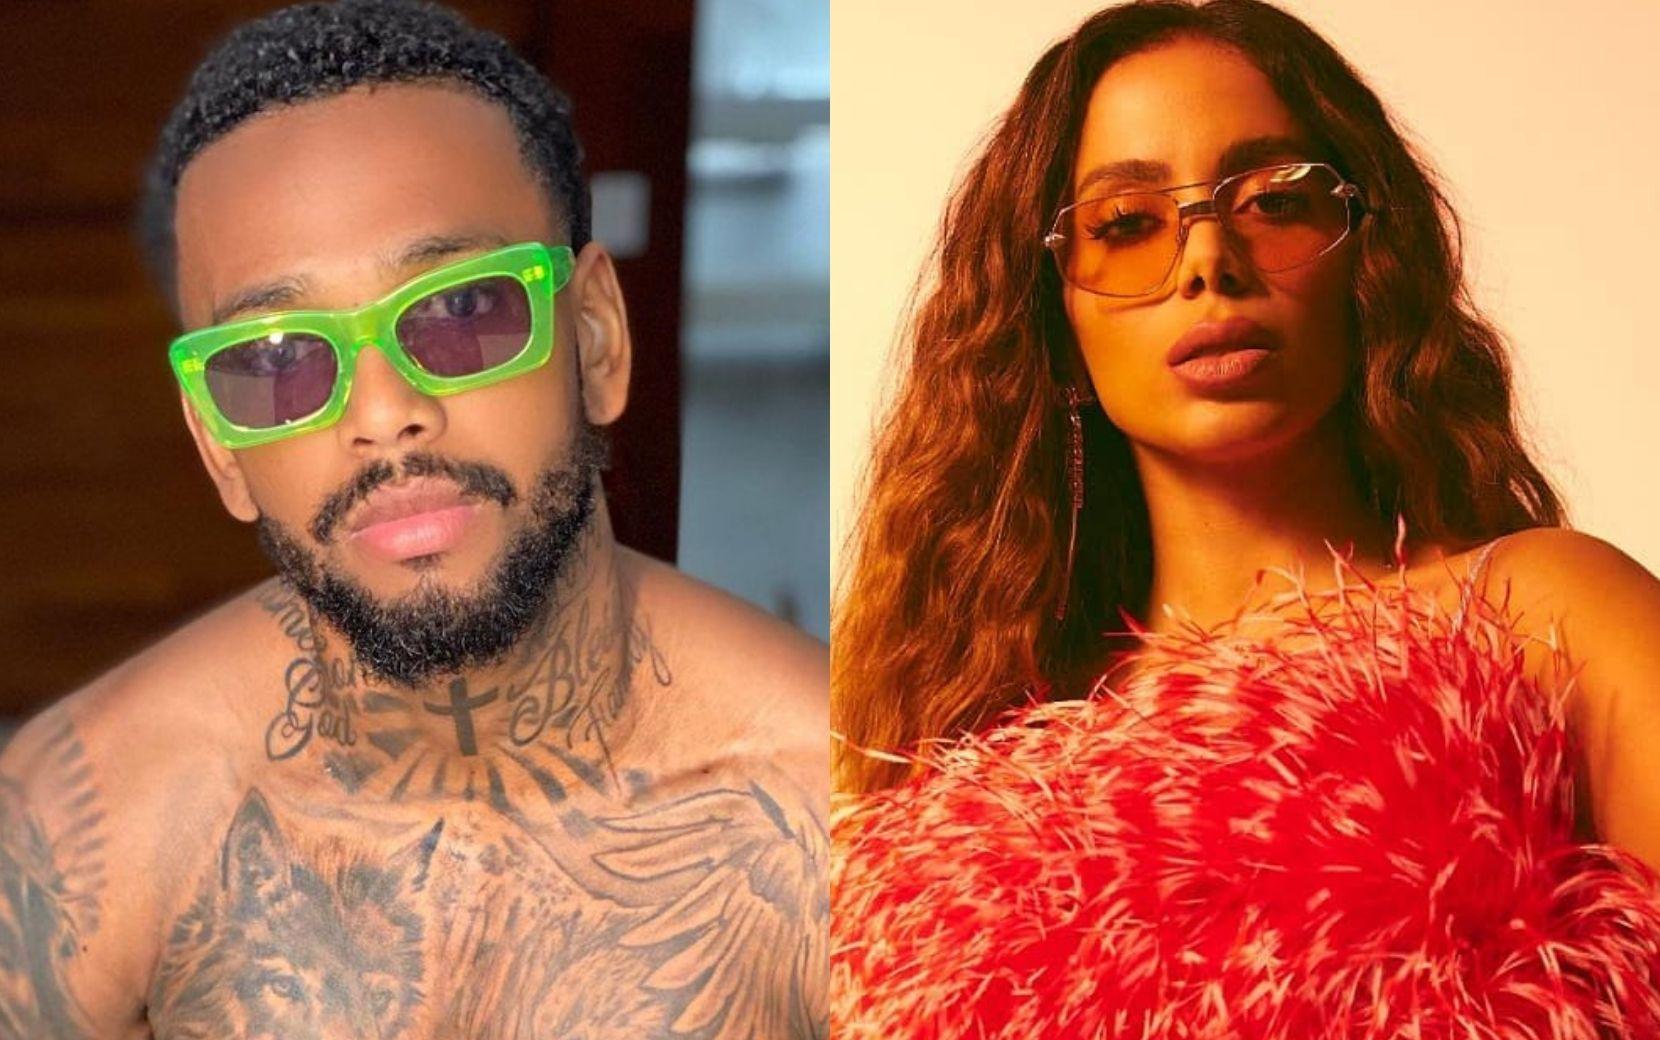 Noivo, Nego do Borel sensualiza com Anitta e é detonado na web; artistas se pronunciam!